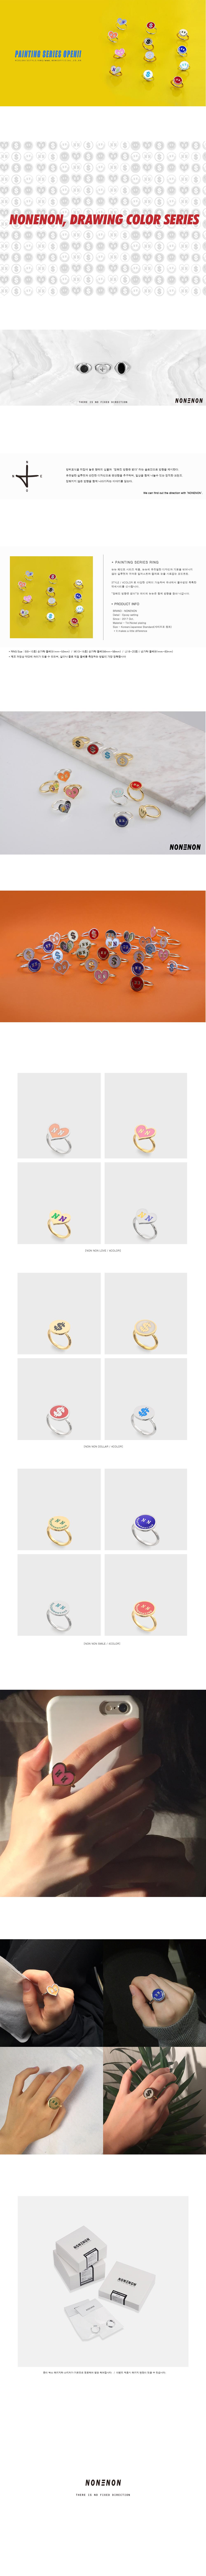 NON NON LOVE (GOLD)23,000원-논논주얼리/시계, 반지, 패션, 패션반지바보사랑NON NON LOVE (GOLD)23,000원-논논주얼리/시계, 반지, 패션, 패션반지바보사랑